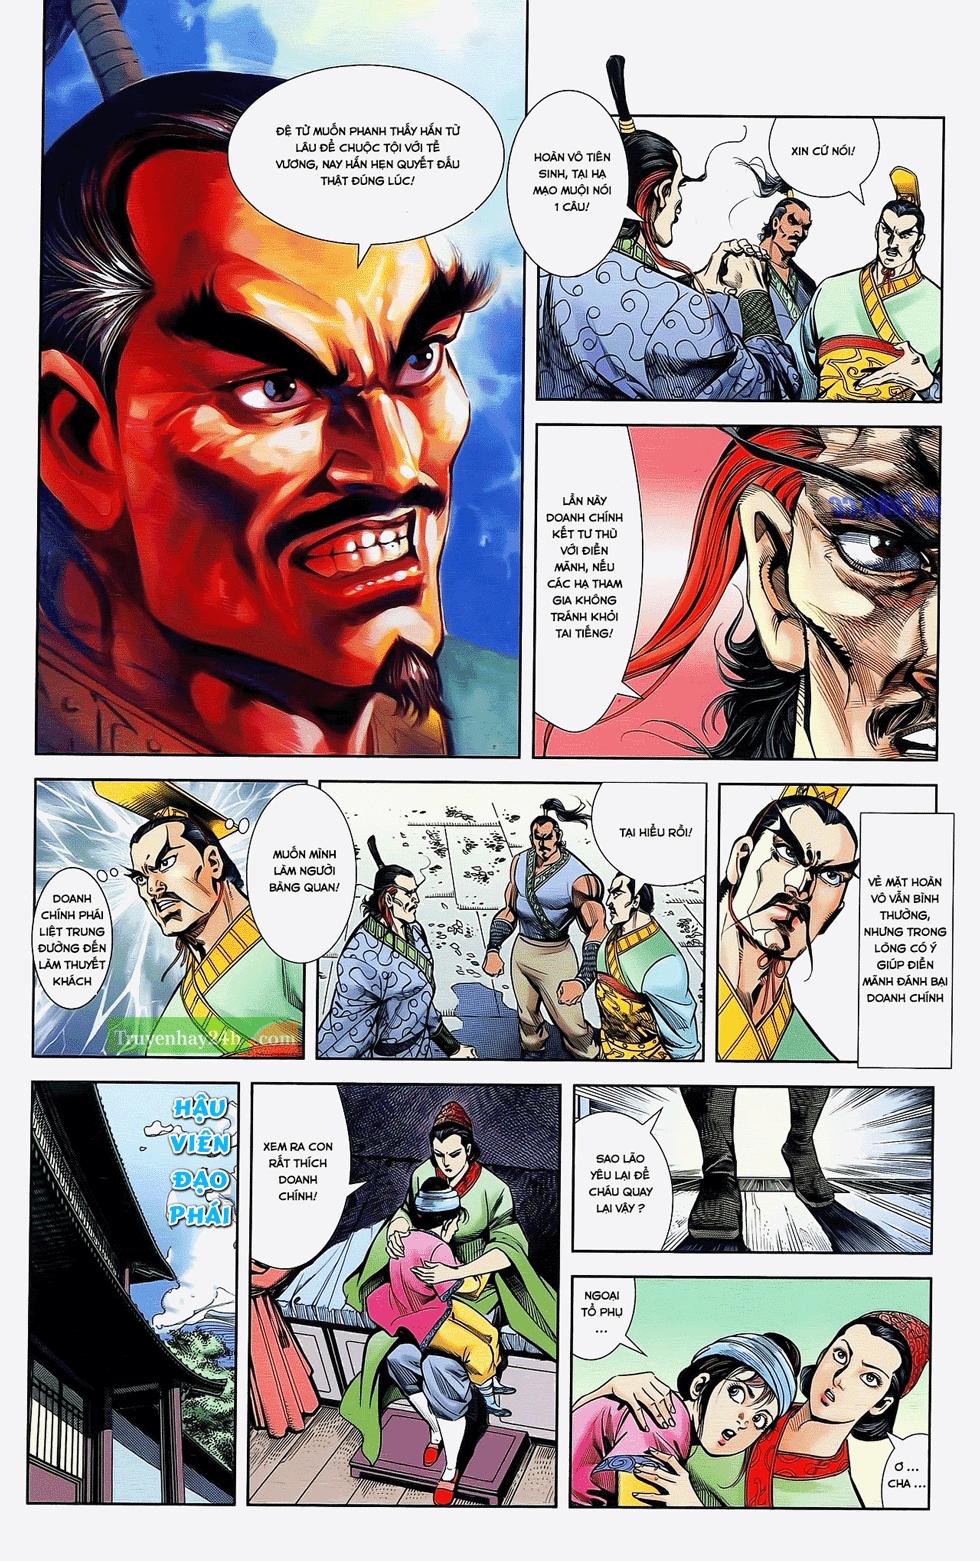 Tần Vương Doanh Chính chapter 22 trang 3